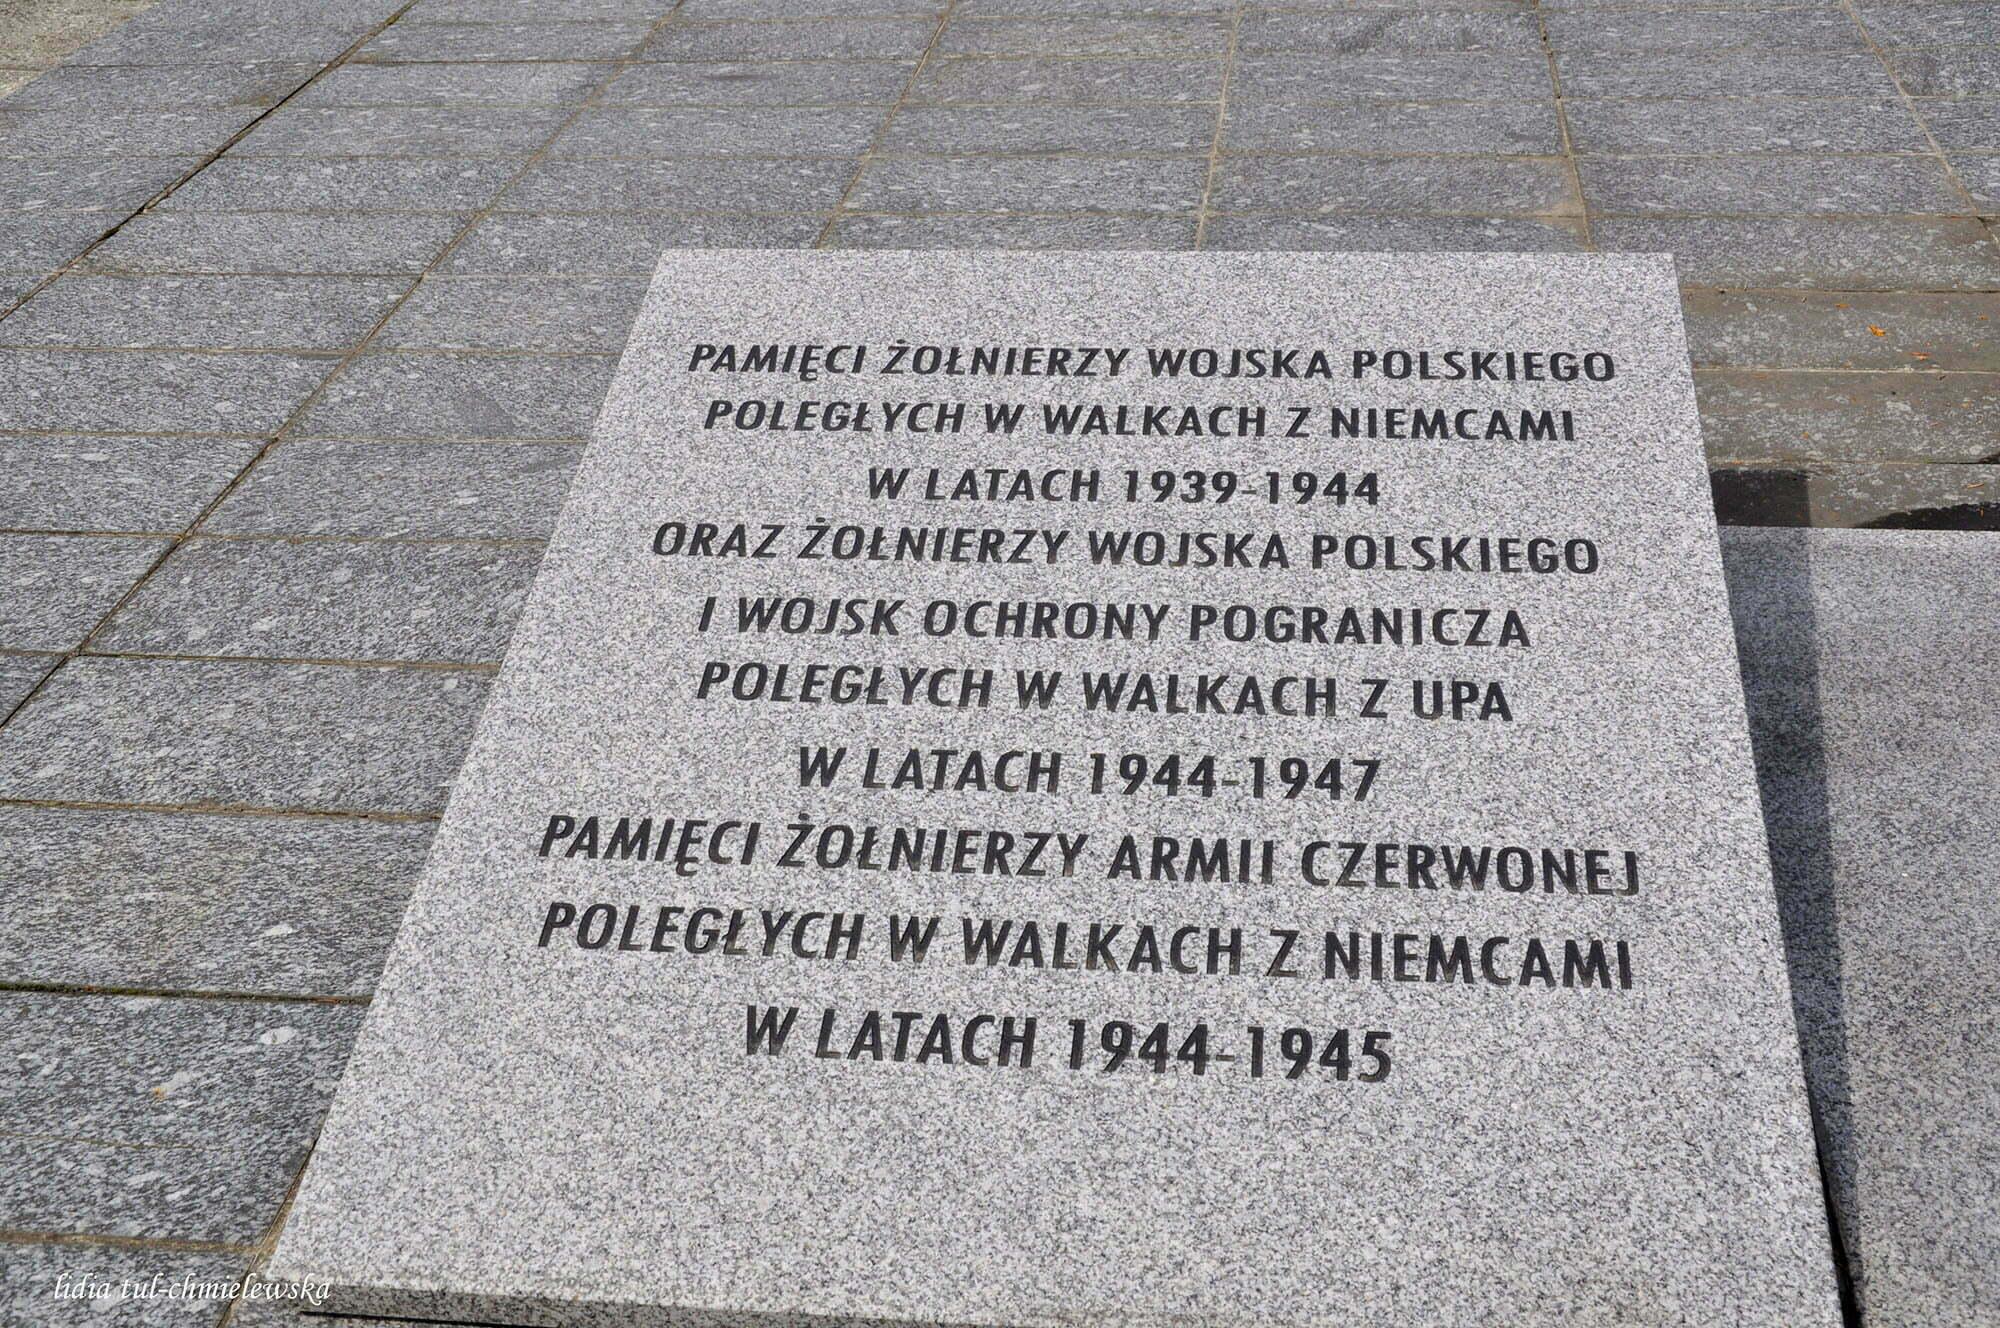 Cmentarz w Baligrodzie / fot. Lidia Tul-Chmielewska